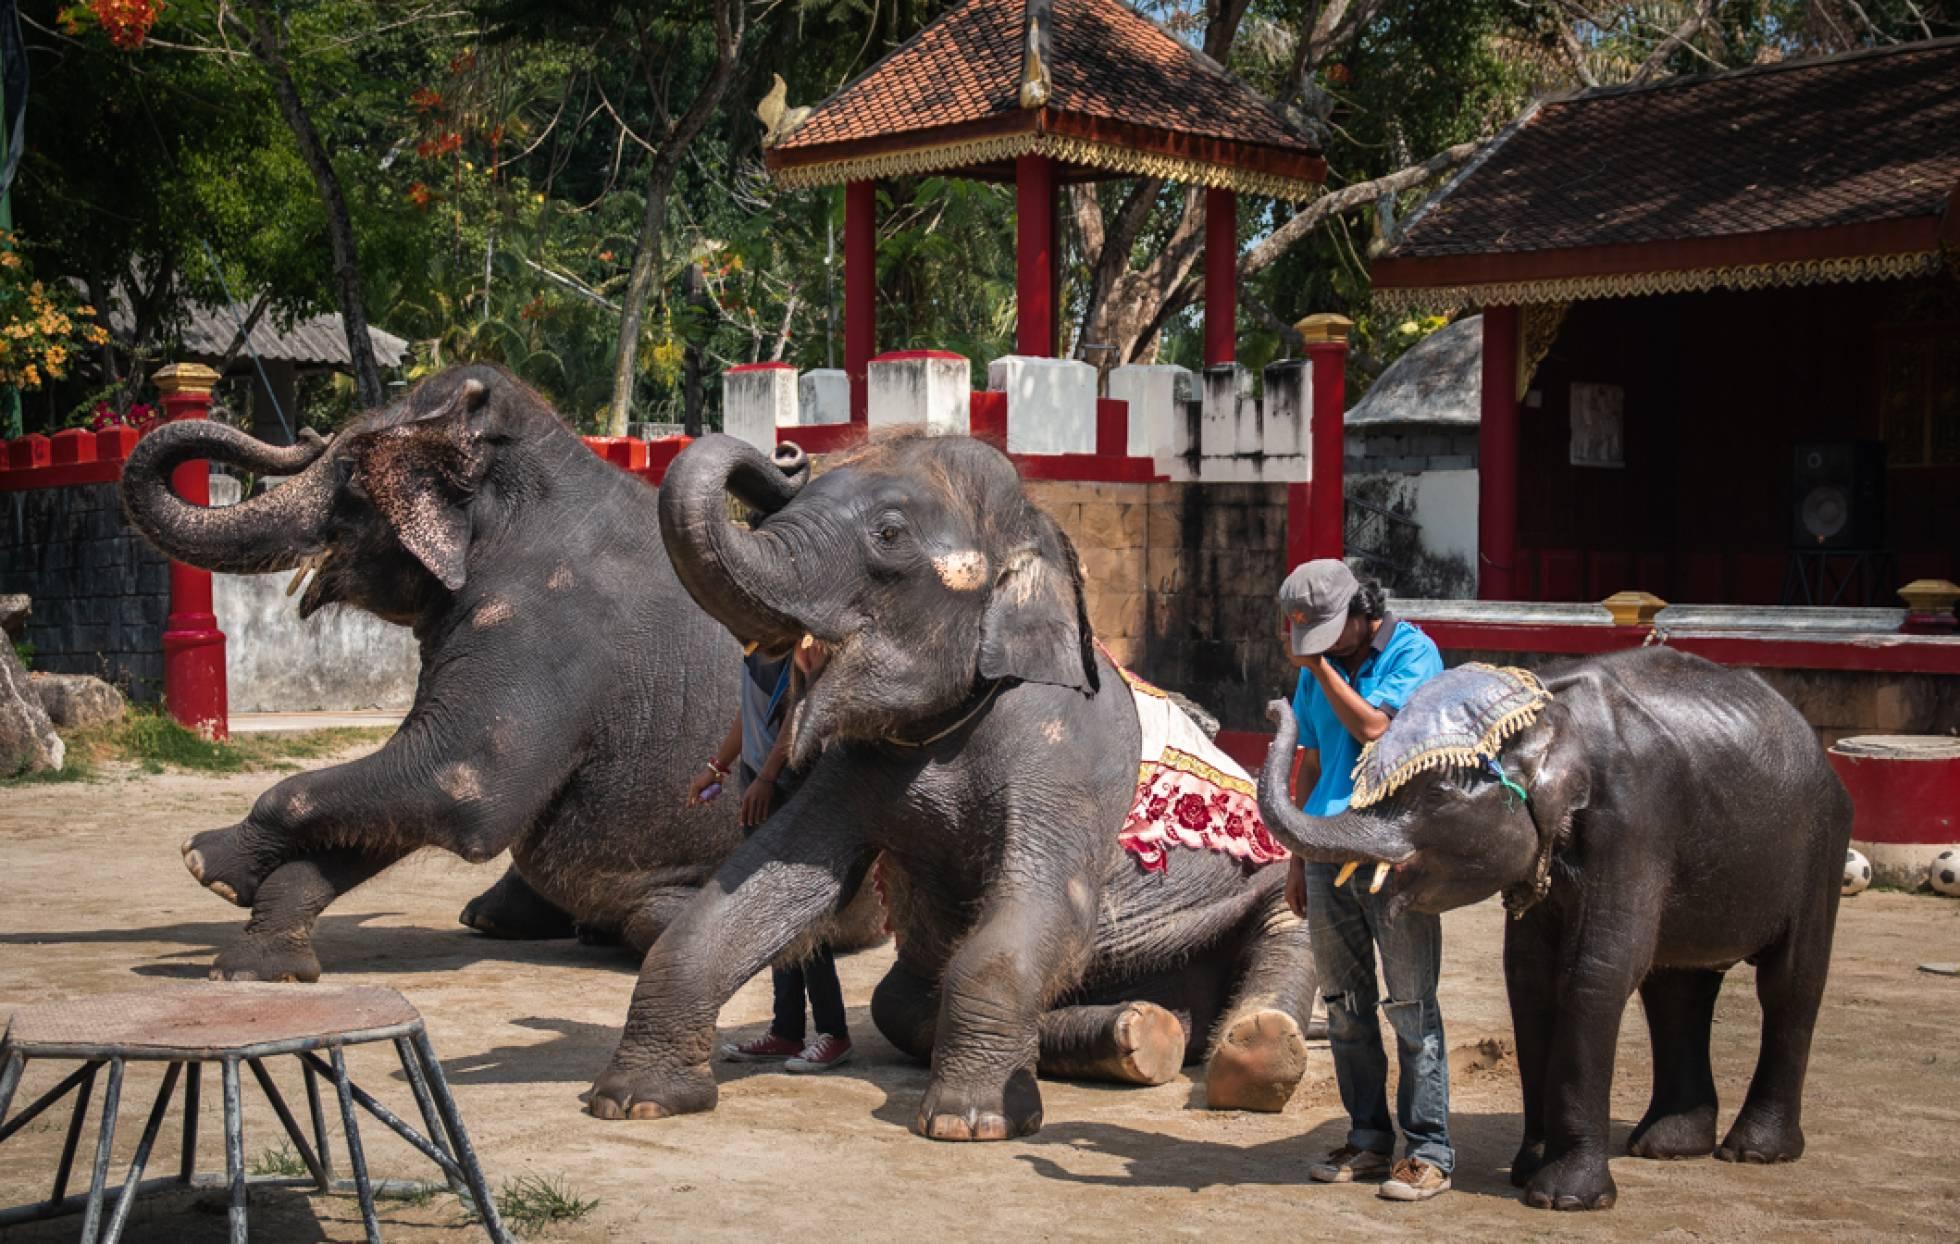 El desgarrador video del elefante bebé que bailó hasta morir